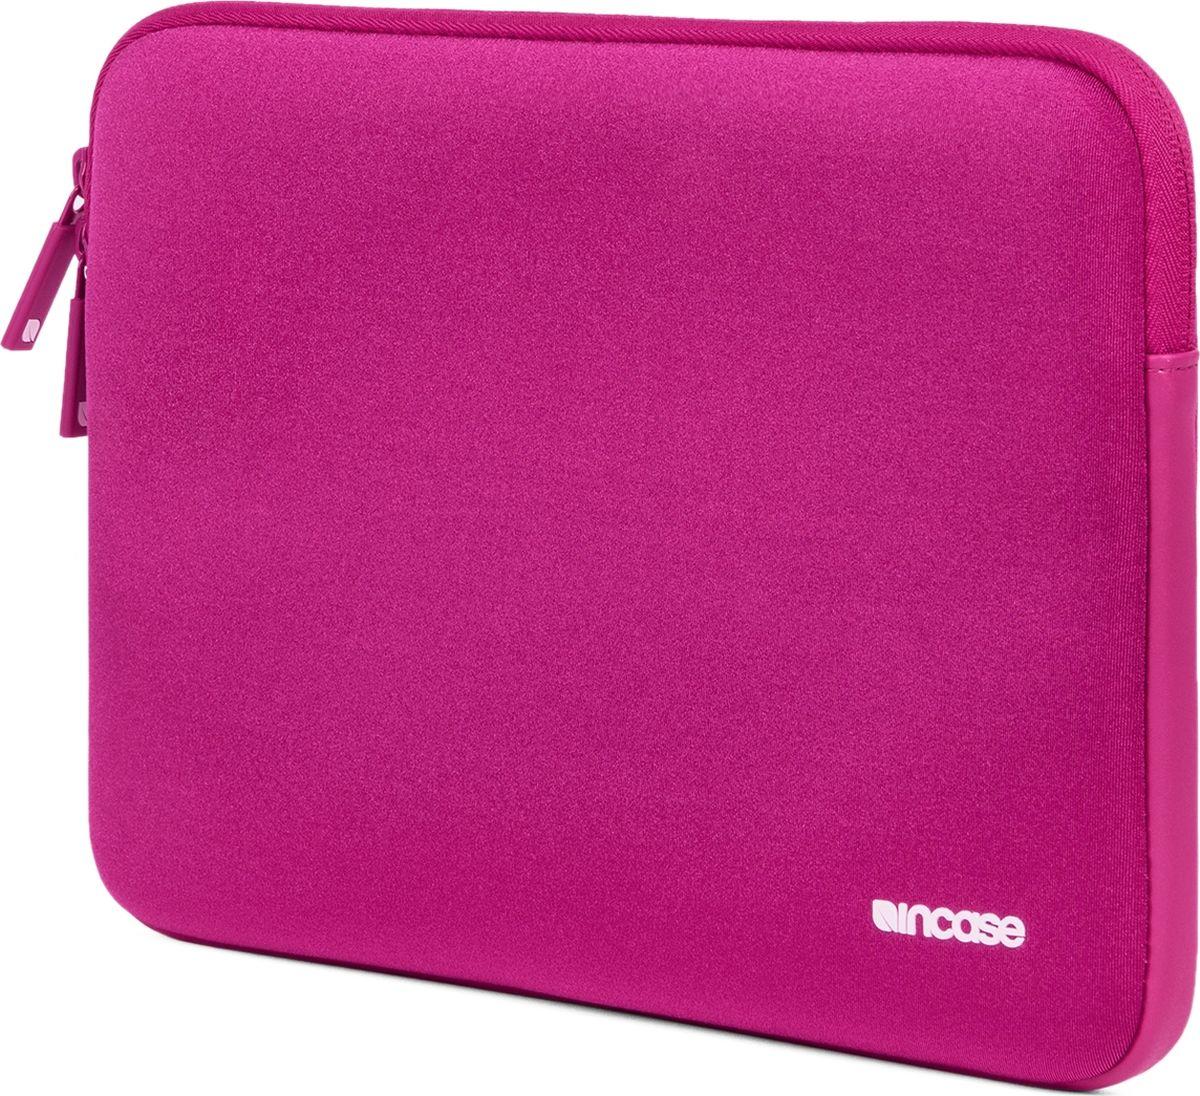 Incase Neoprene Classic Sleeve чехол для Apple MacBook 12, Pink SapphireCL60670Тонкий чехол Incase Neoprene Classic Sleeve для Apple MacBook 12 выполнен из неопрена в элегантном строгом дизайне. Чехол надежно защищает устройство от царапин, не пропускает влагу и оснащен мягкой подкладкой, а также удобной застежкой-молнией.